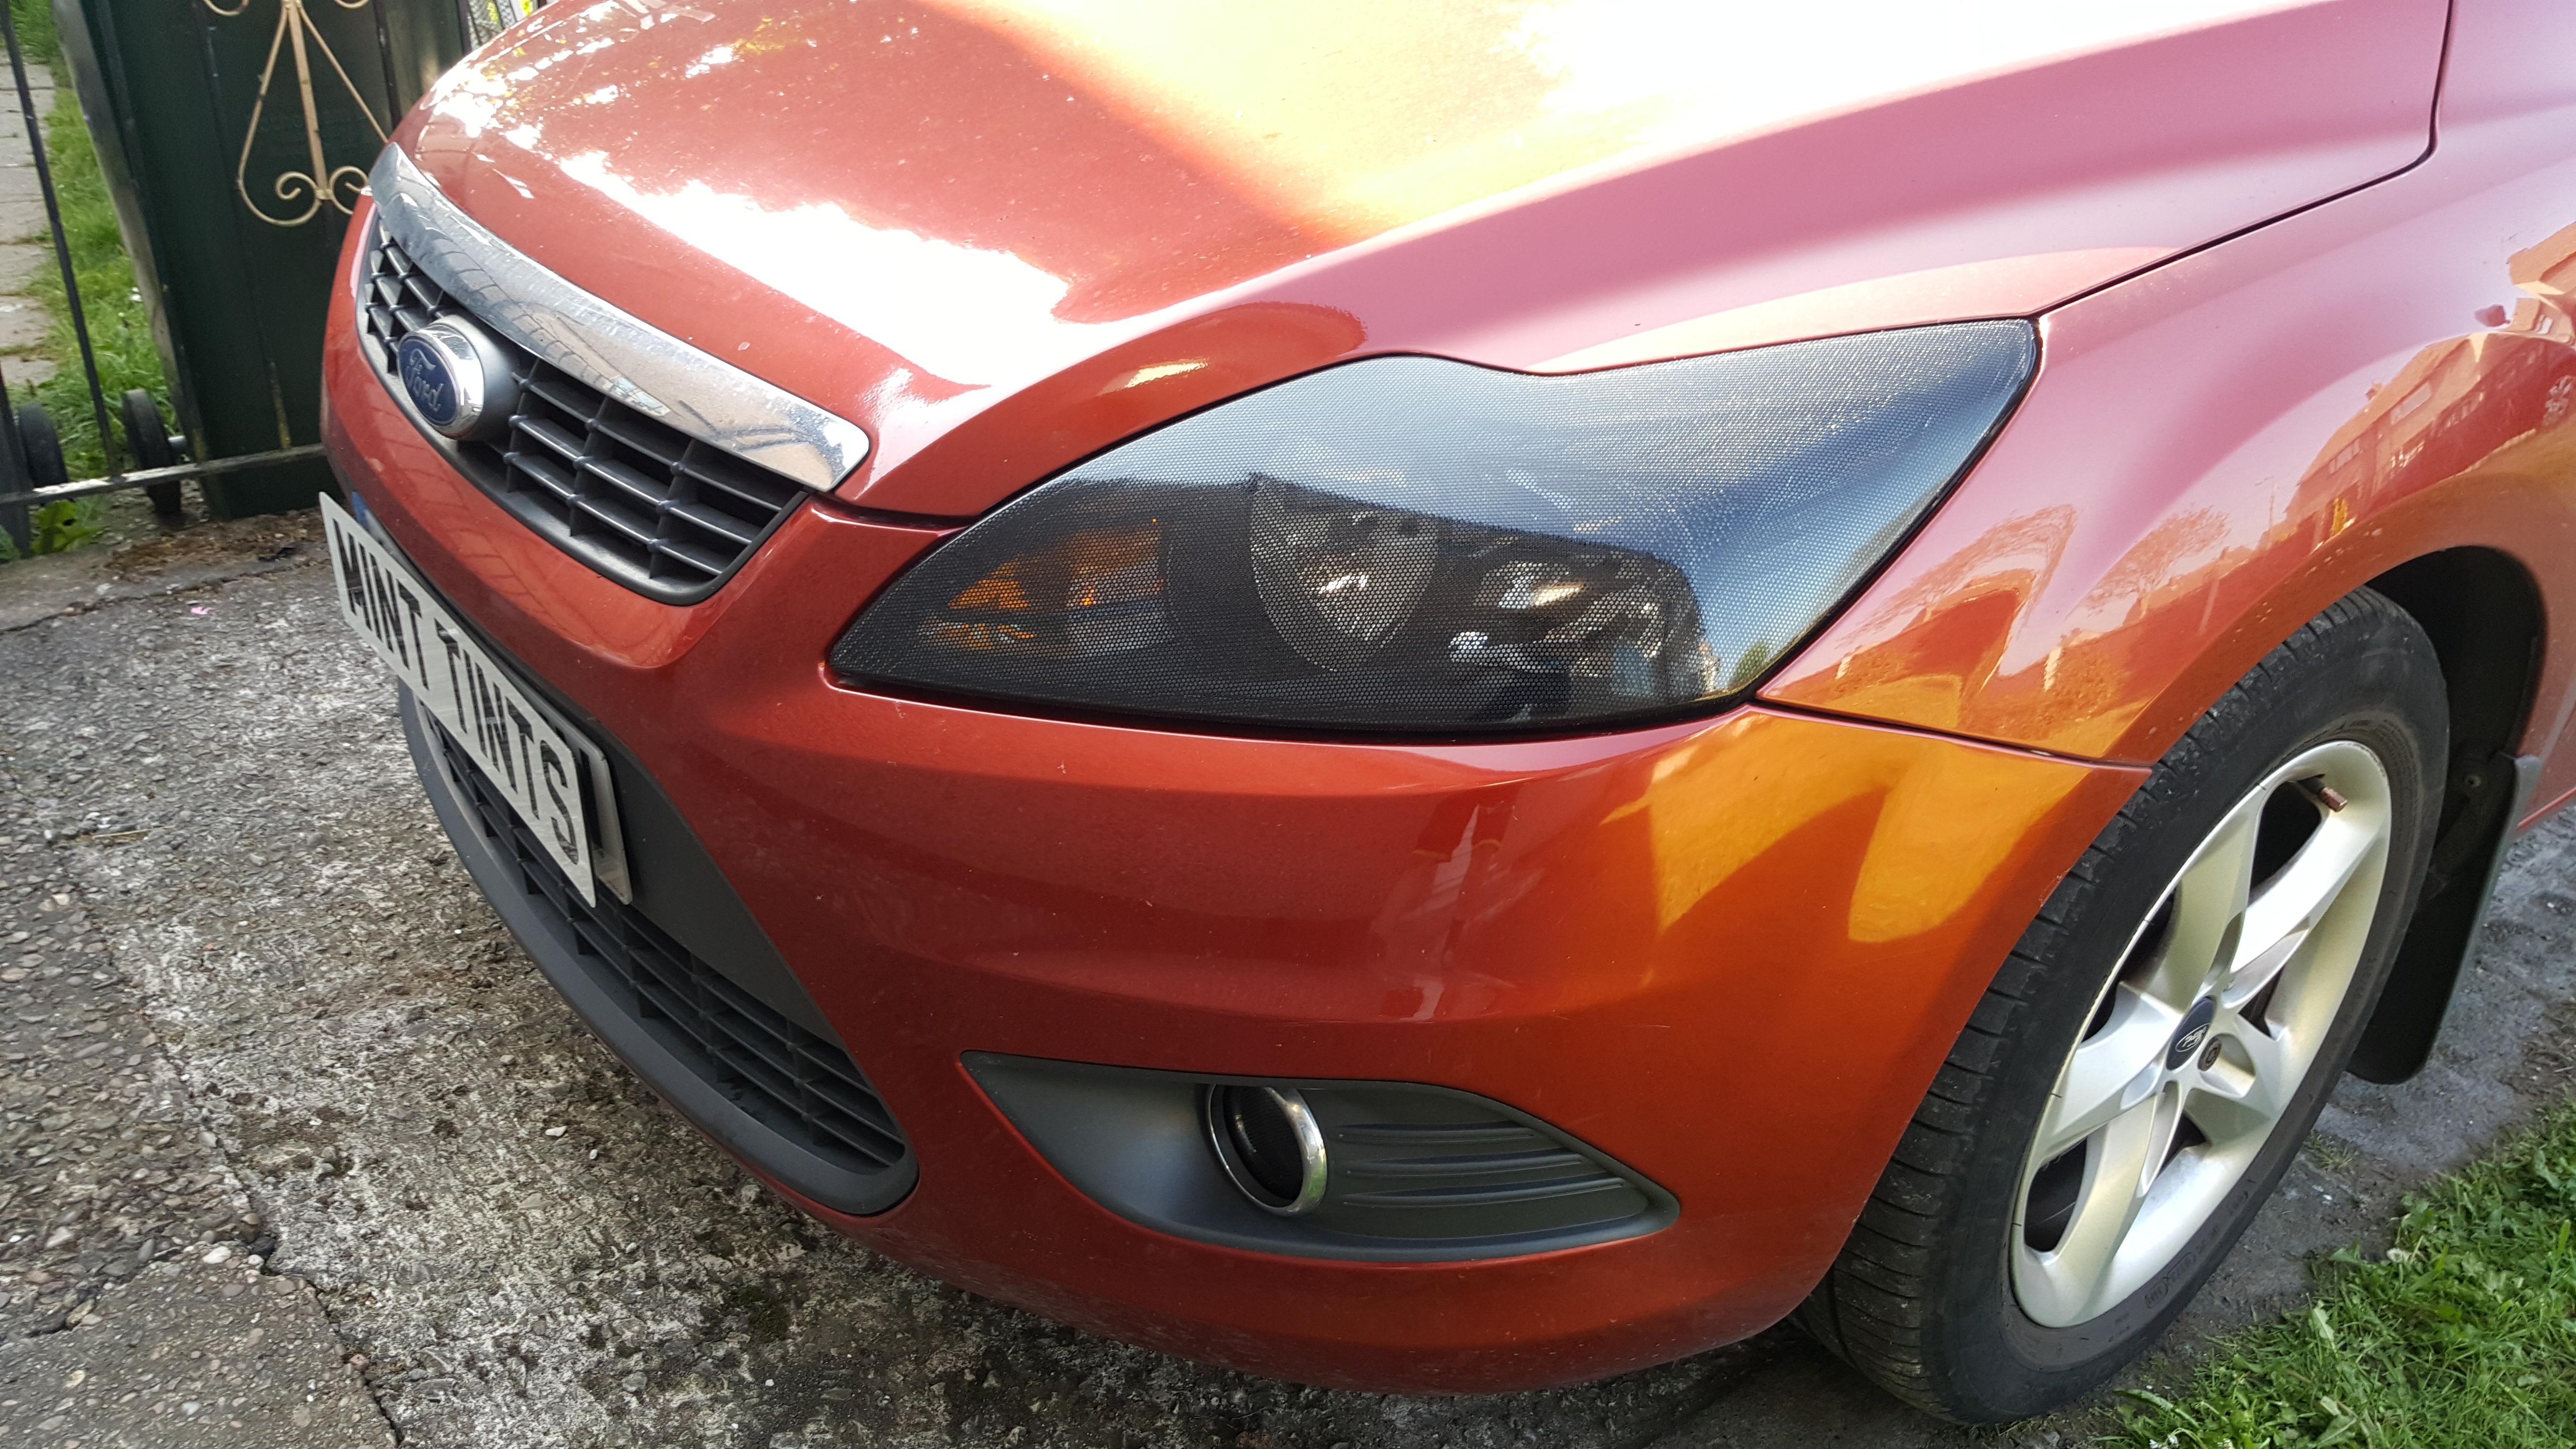 SPI Vision Ford Focus Light Tint